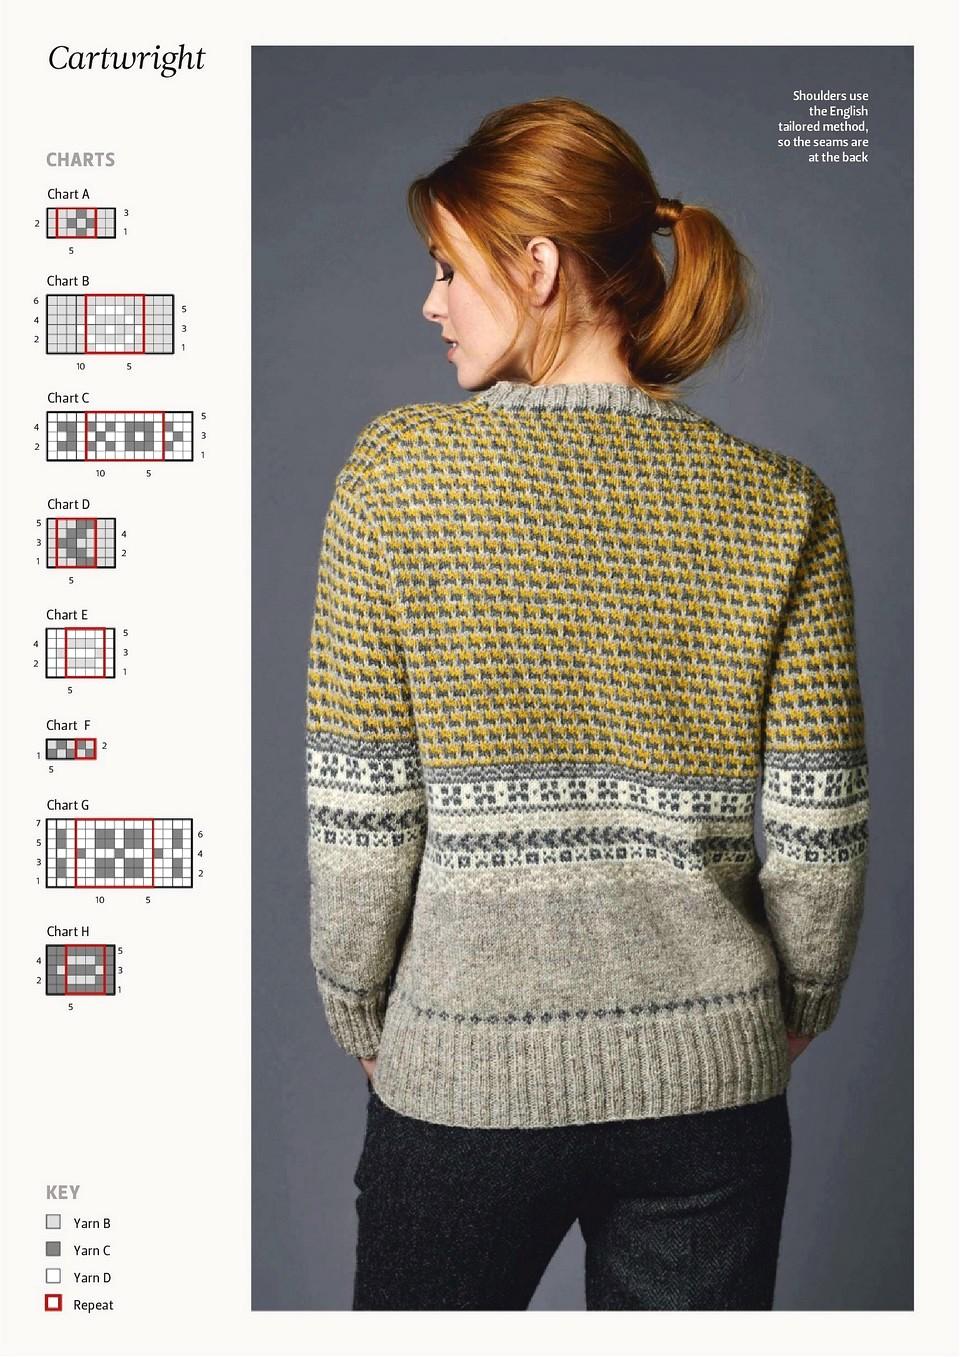 132The-Knitter-045